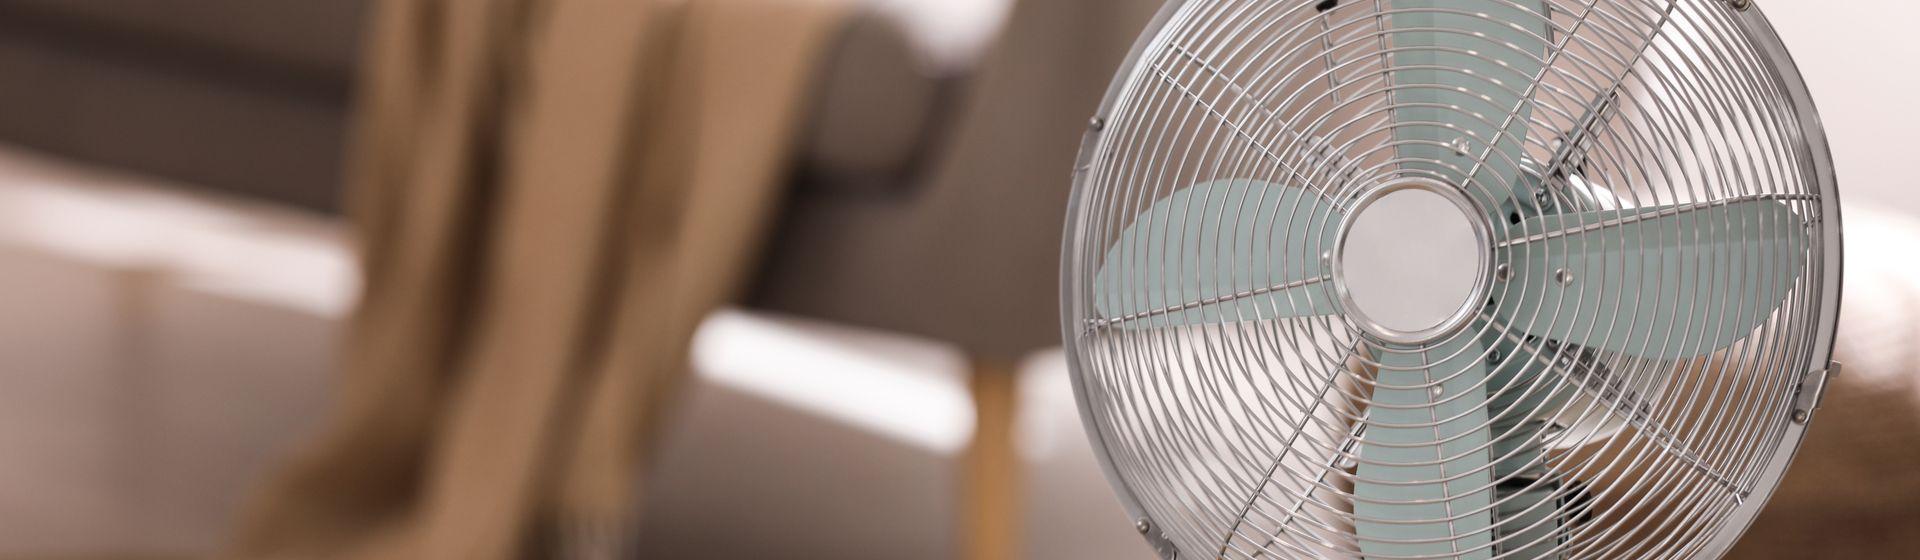 Os ventiladores mais vendidos em abril de 2021